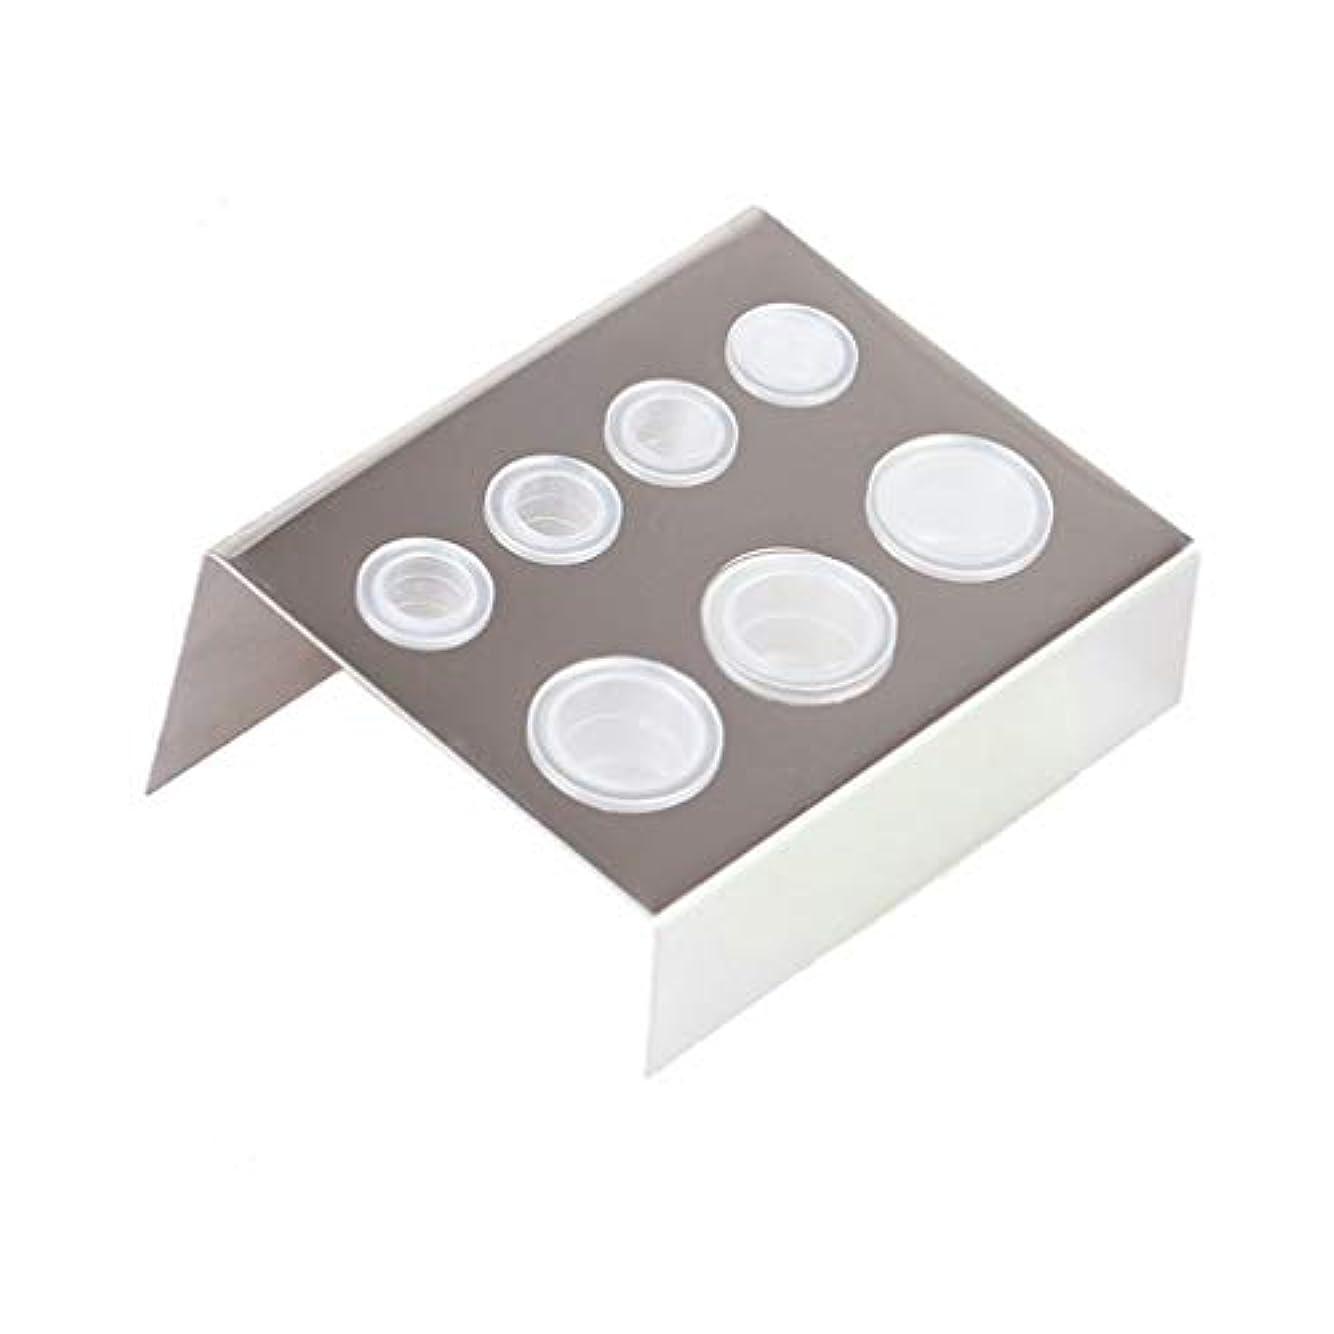 終わった凍る以前はHonel タトゥー インクカップ ホルダー 収納ラック 顔料 カップホルダー 耐久性ある インクカップホルダー タトゥーアクセサリー